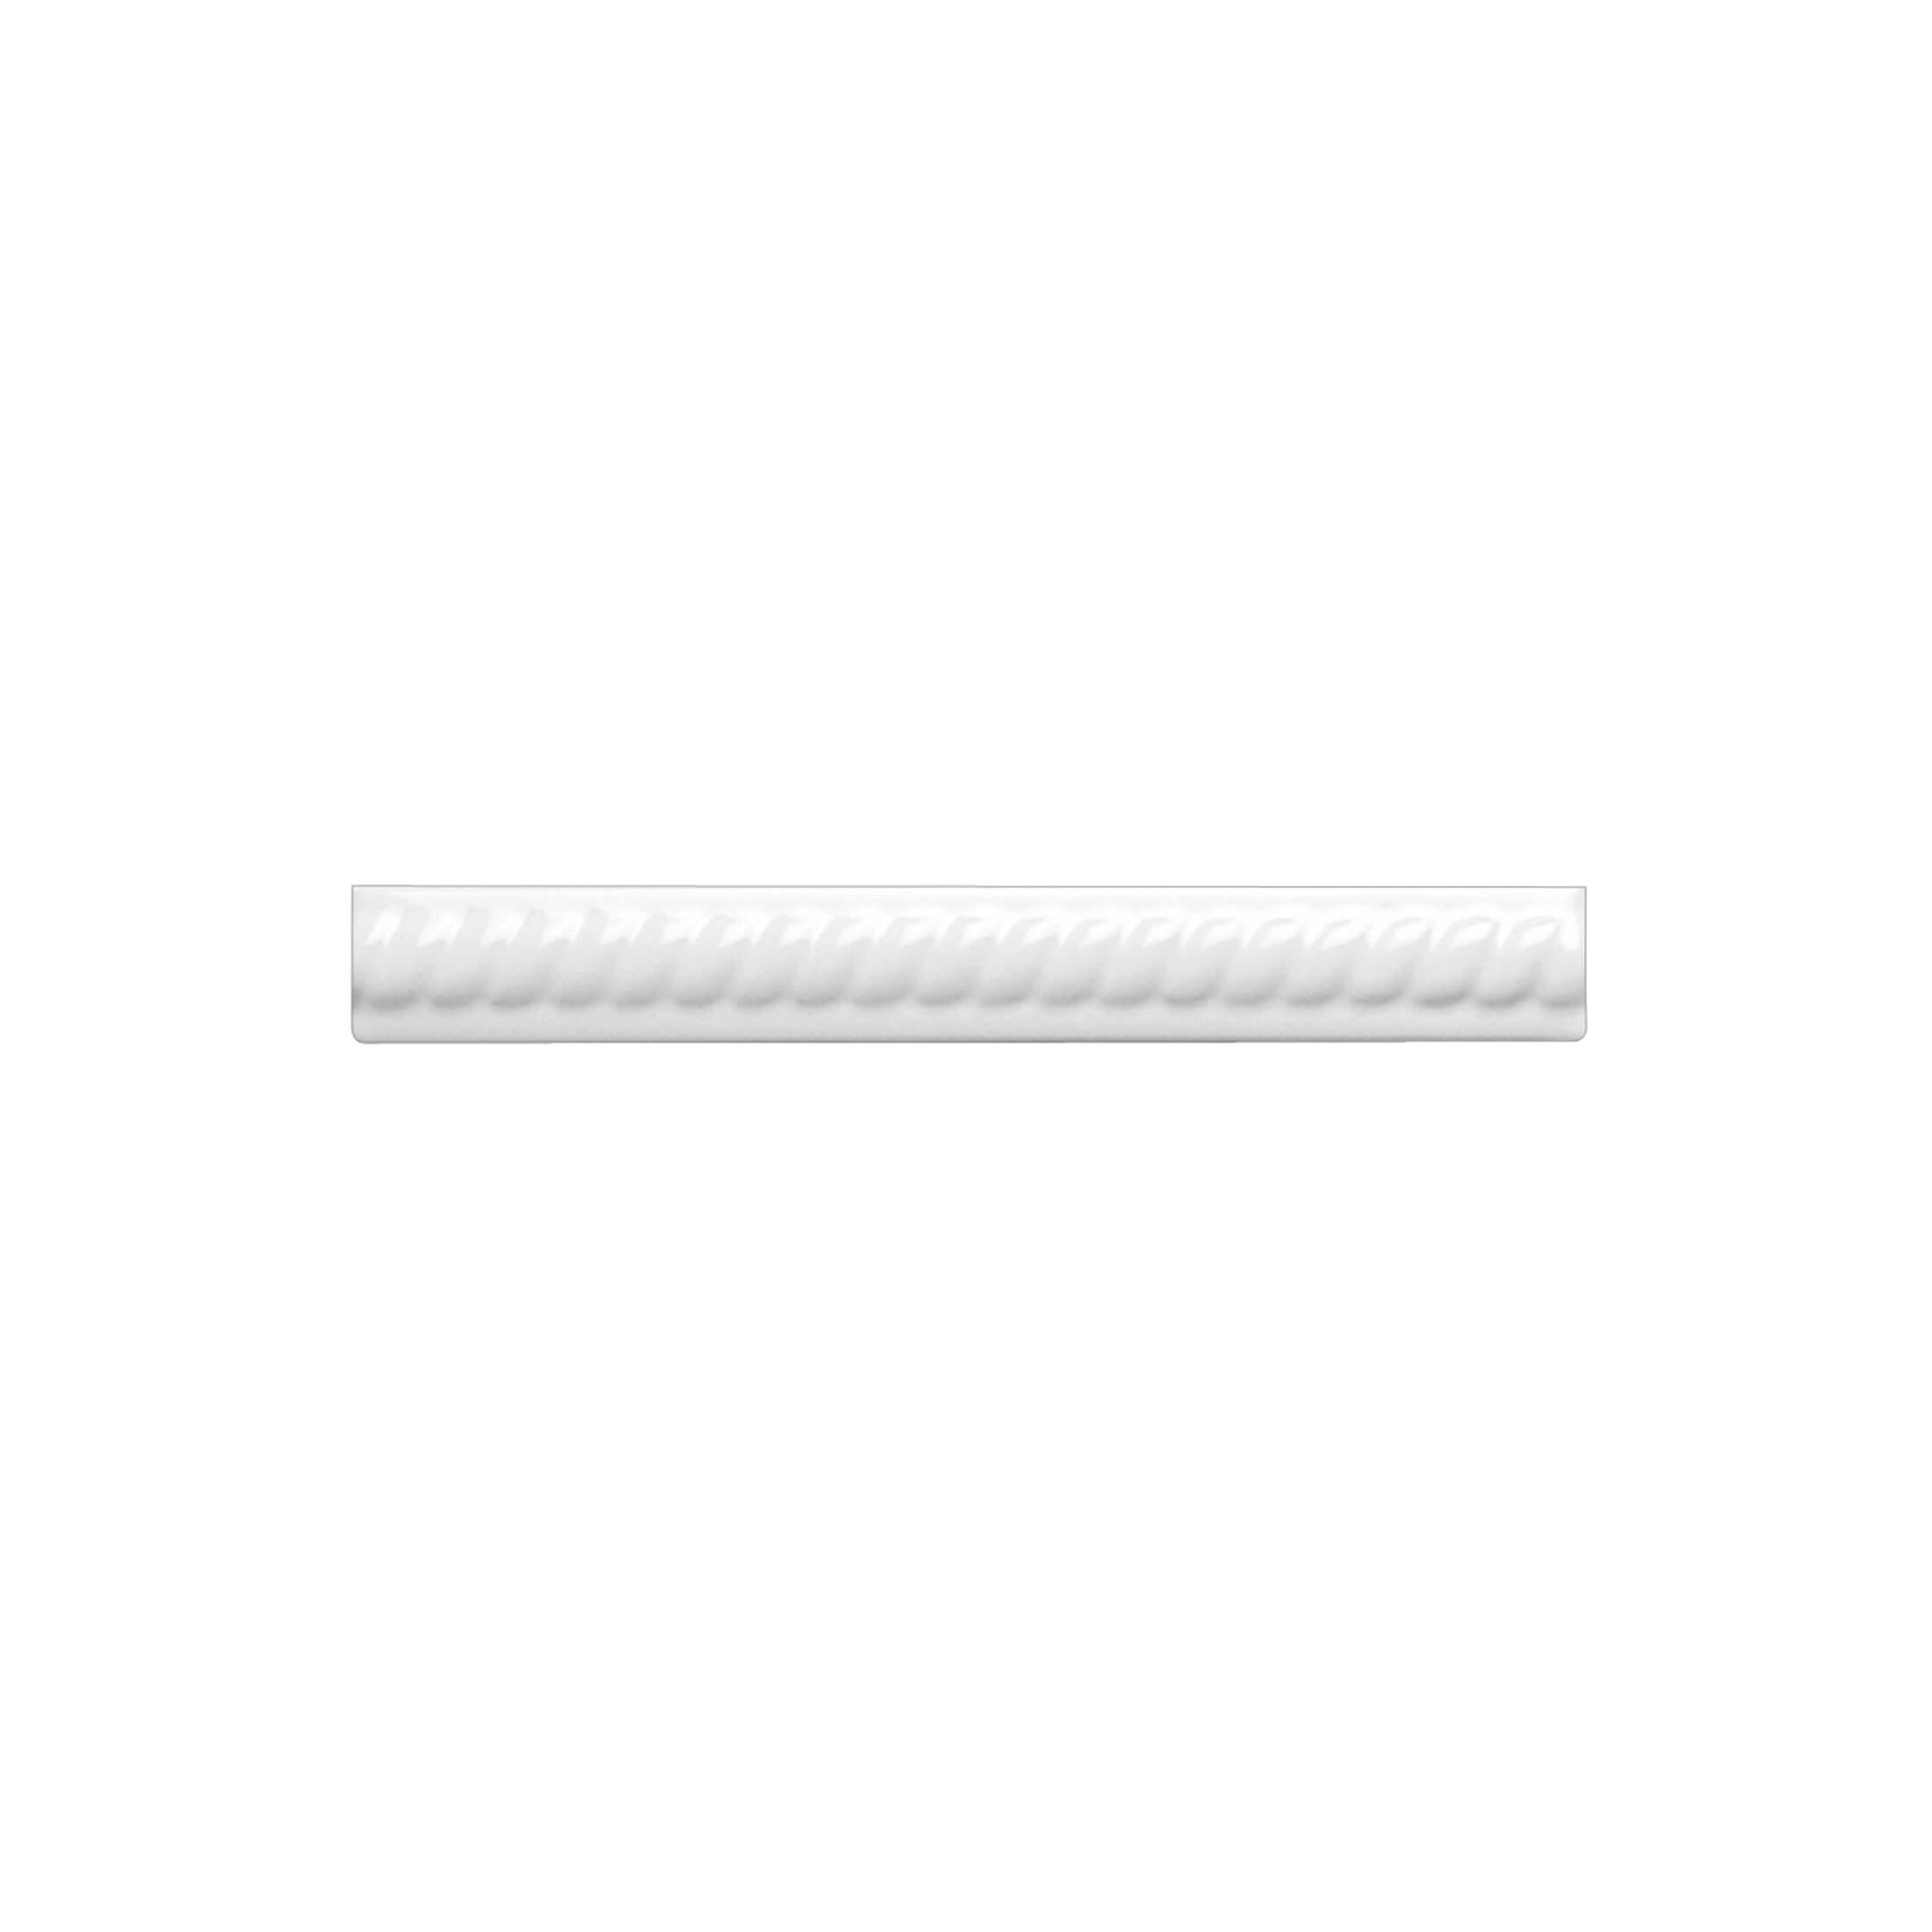 ADNE5174 - TRENZA PB - 2.5 cm X 20 cm